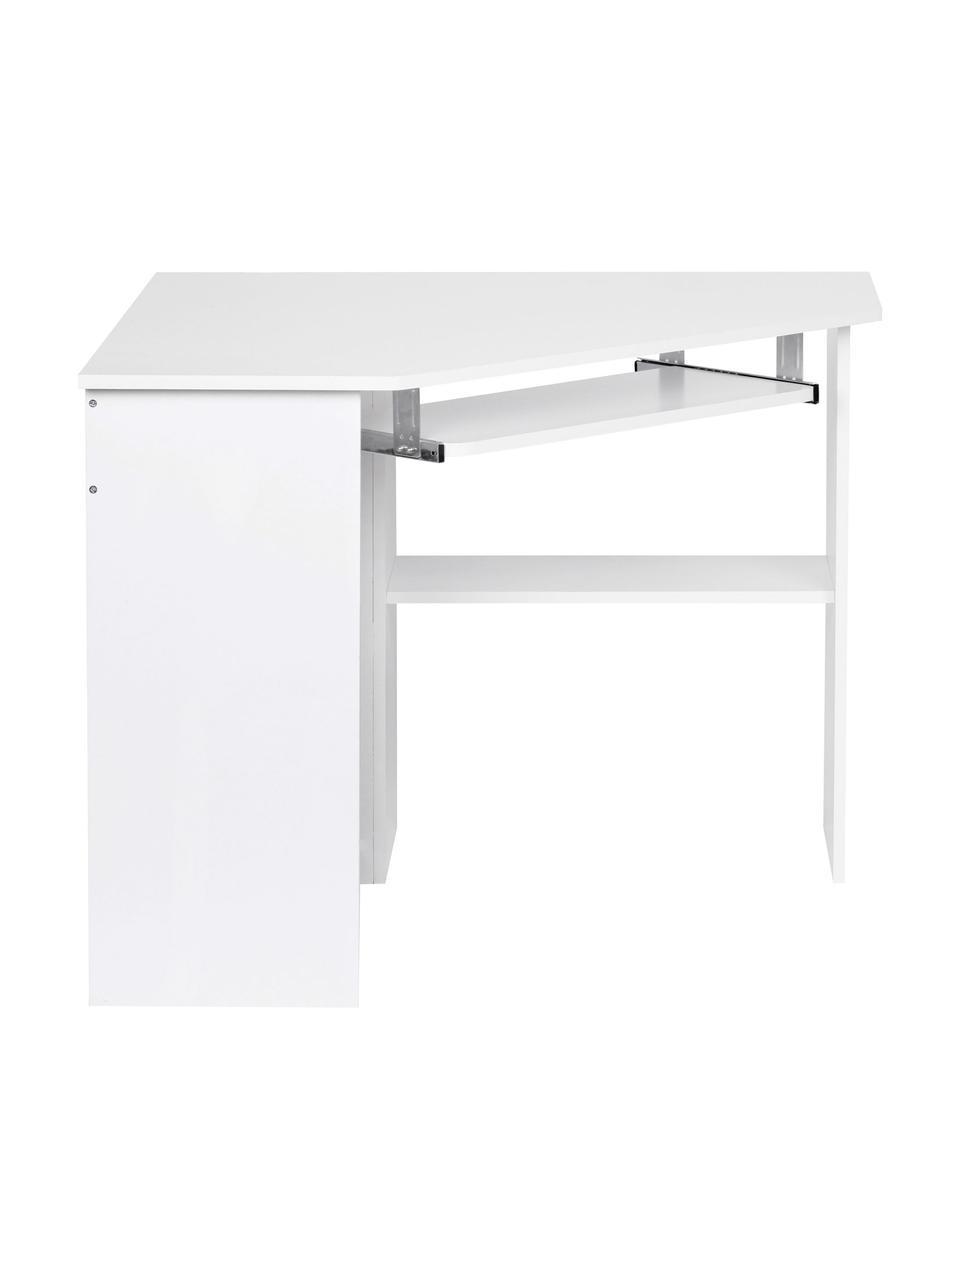 Weißer Eckschreibtisch Roman mit Tastaturauszug, Mitteldichte Holzfaserplatte, lackiert Metallschienen, Weiß, matt, B 127 x T 89 cm